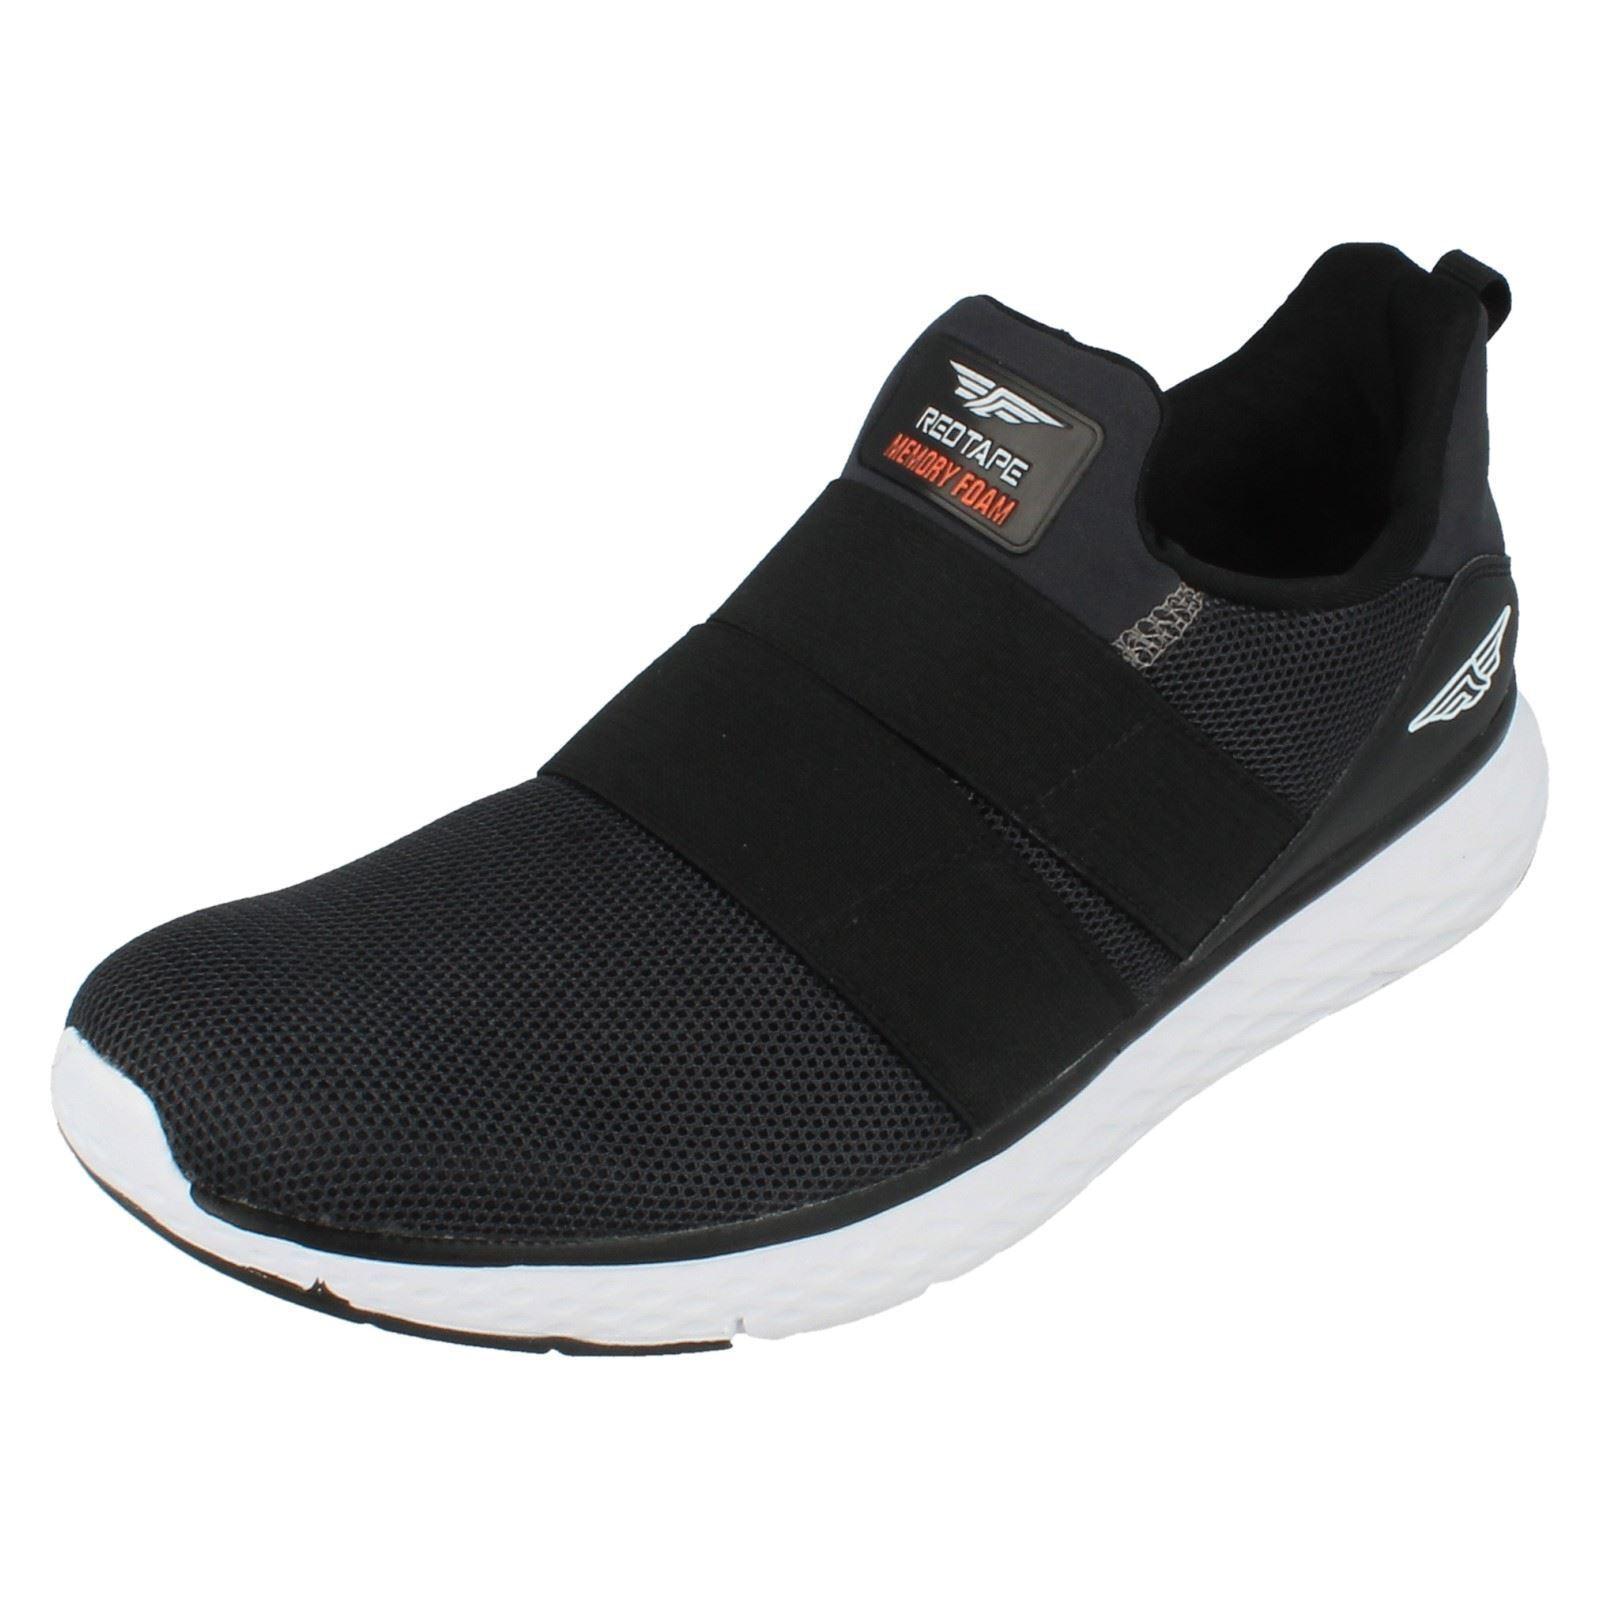 Redtape rsc0064 homme noires W à enfiler Baskets shoes W noires / mousse à mémoire de 89d041